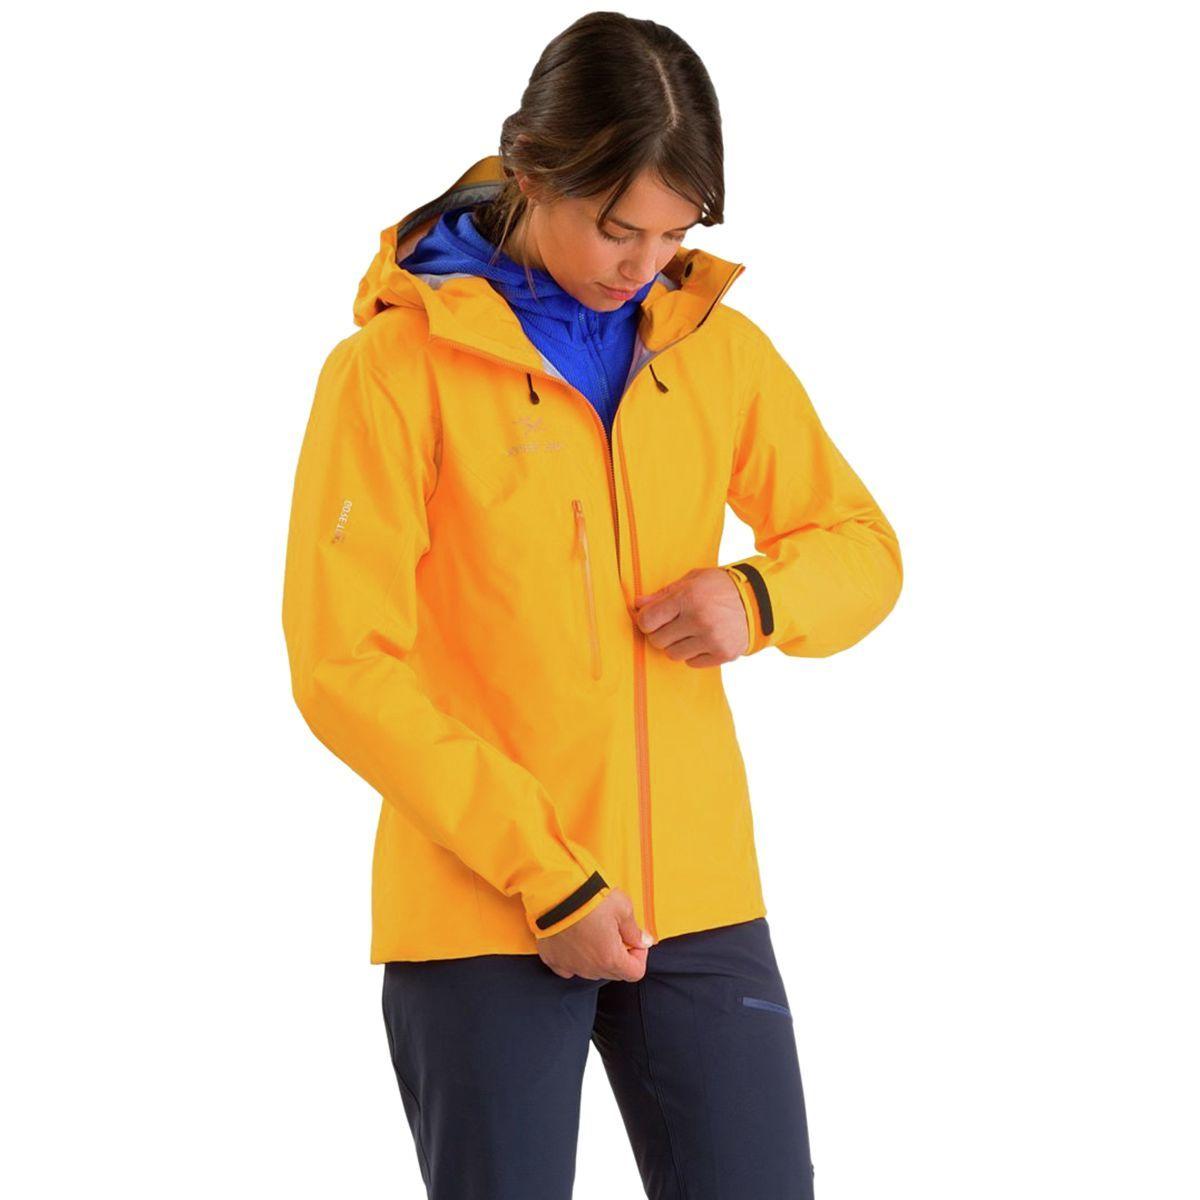 Arc'teryx Alpha FL Jacket - Women's